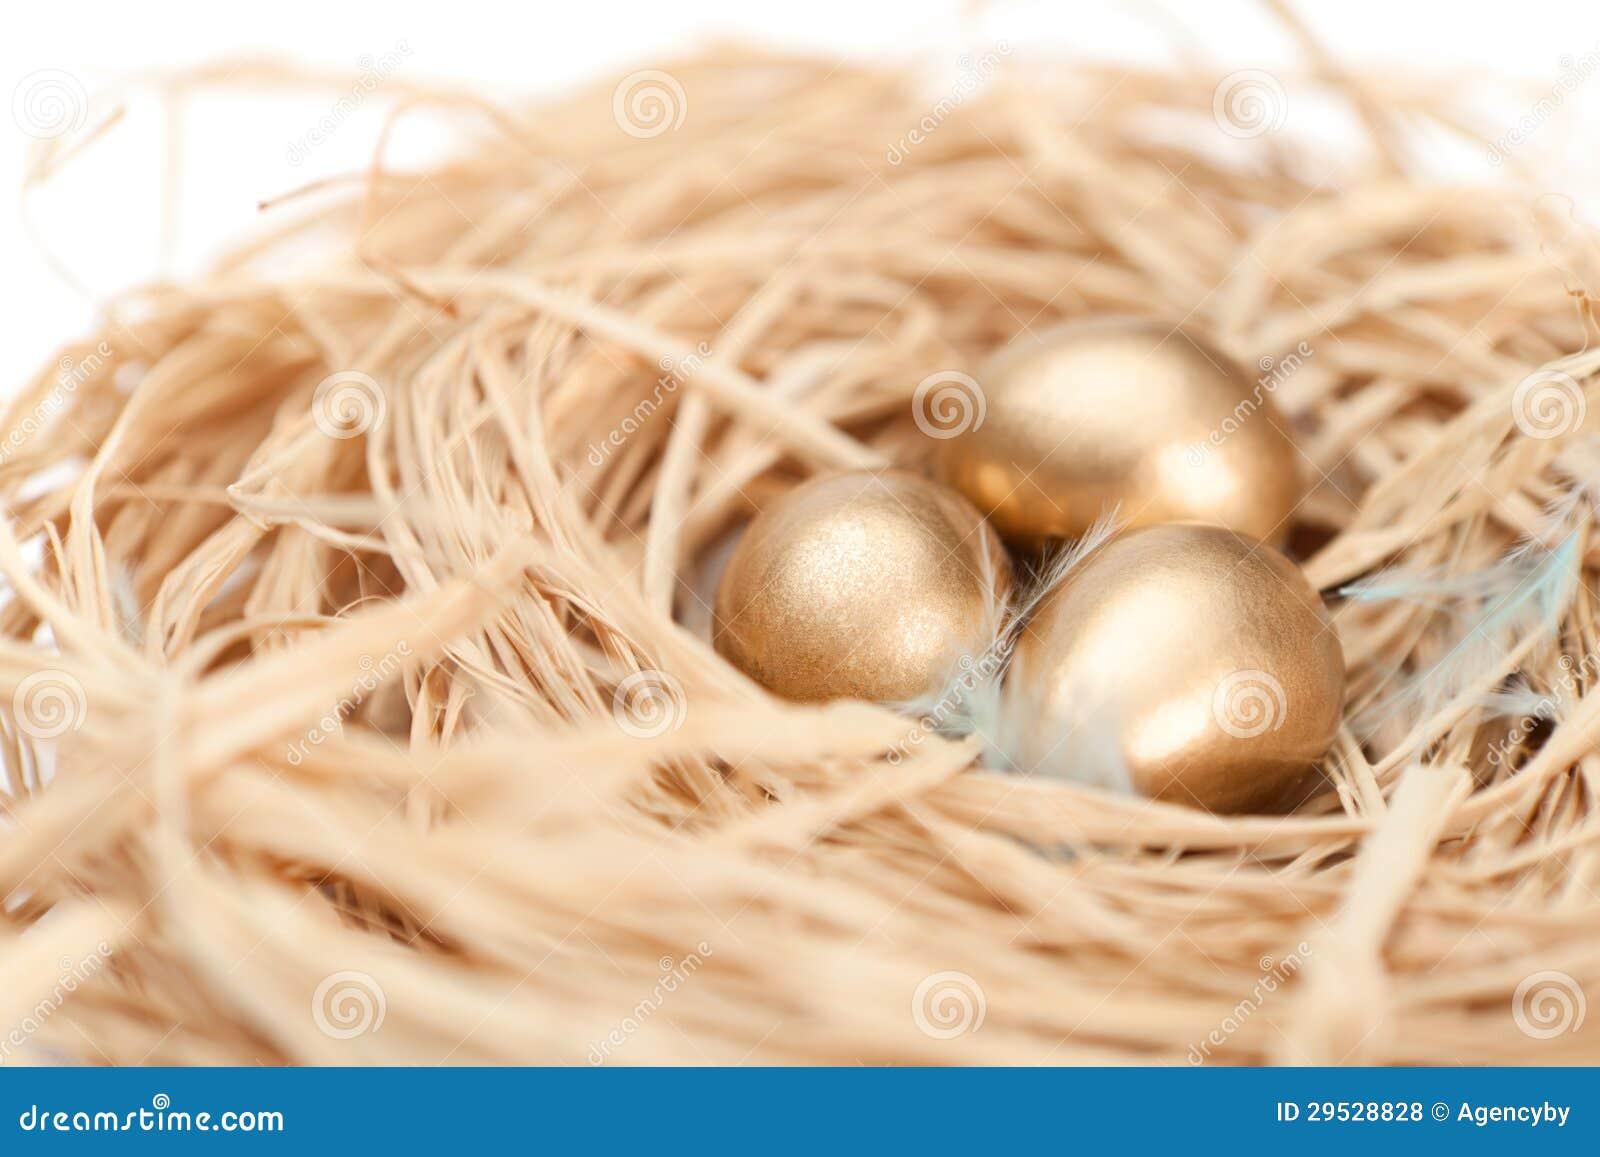 Ninho com ovos dourados